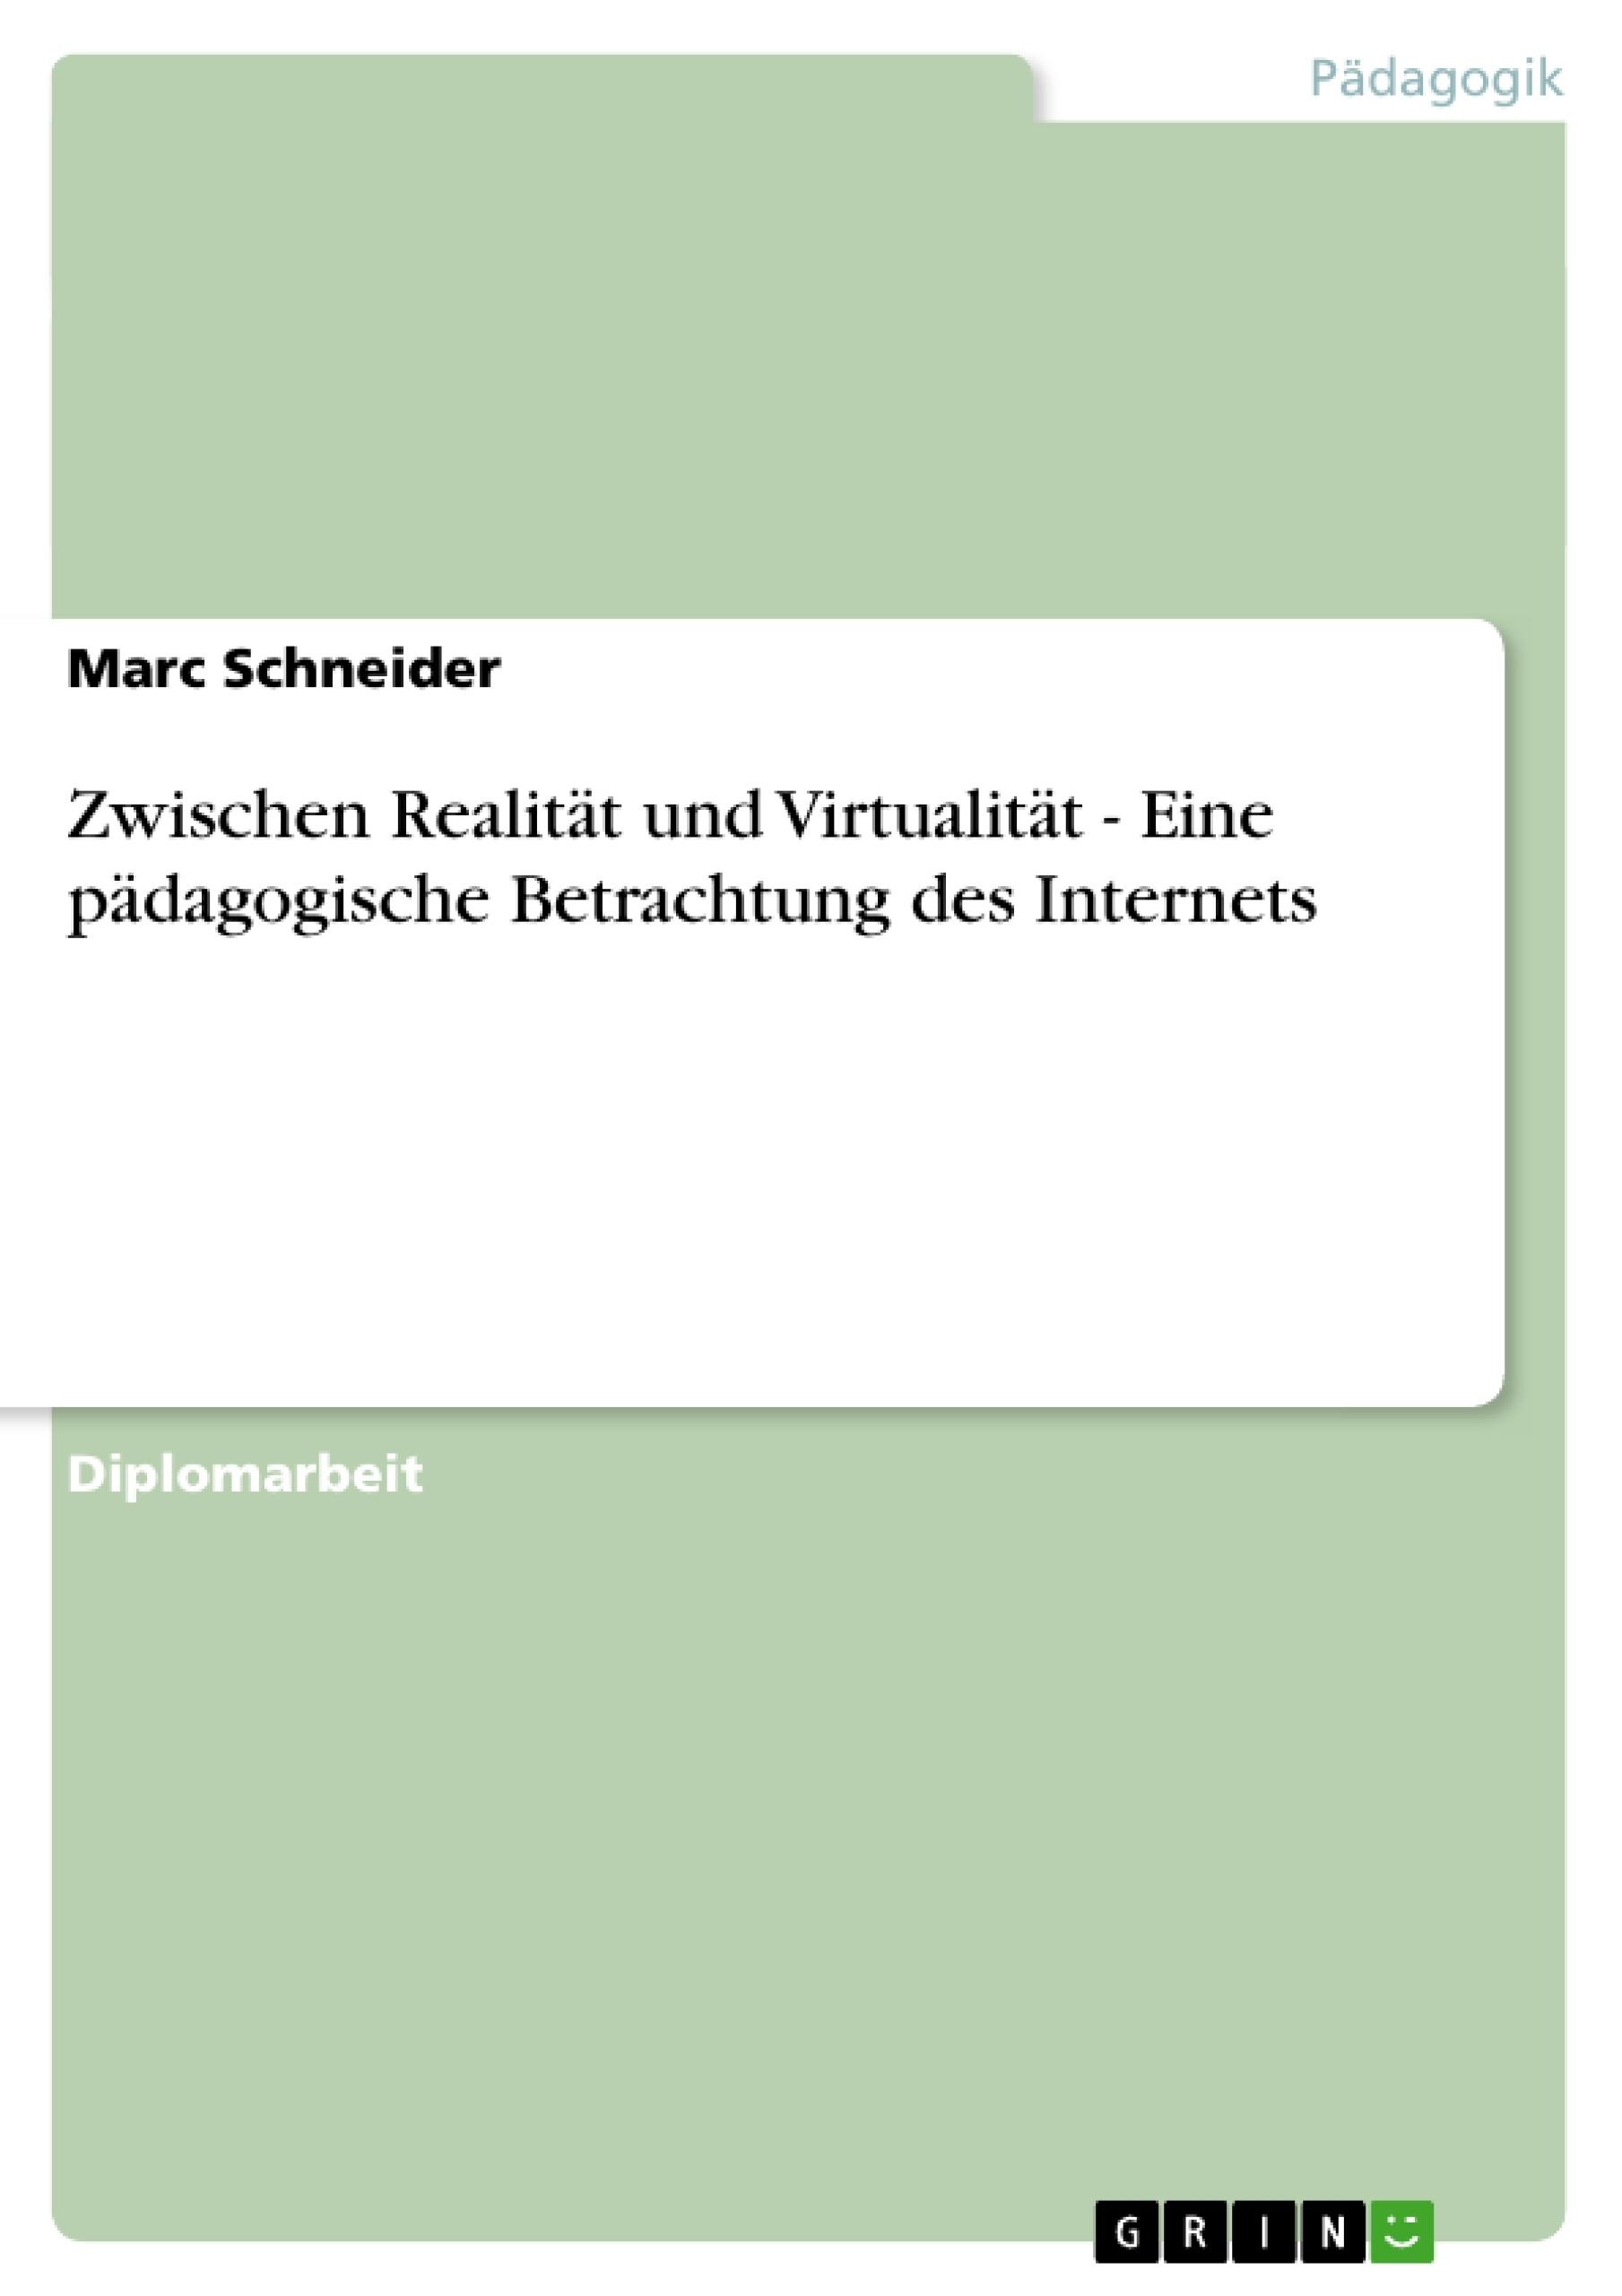 Titel: Zwischen Realität und Virtualität - Eine pädagogische Betrachtung des Internets